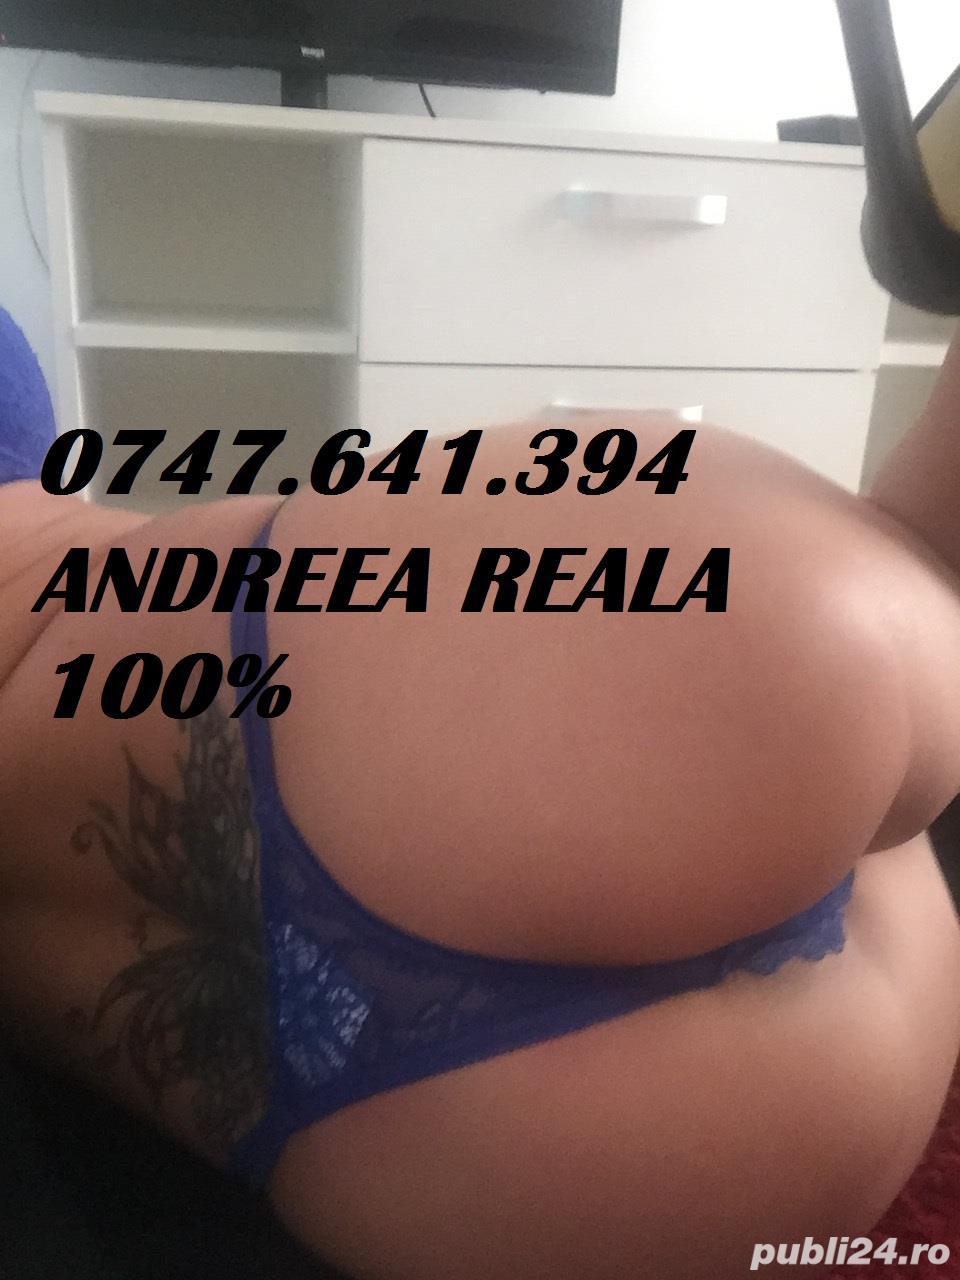 80dafa418eff413852272b4e60875fe5